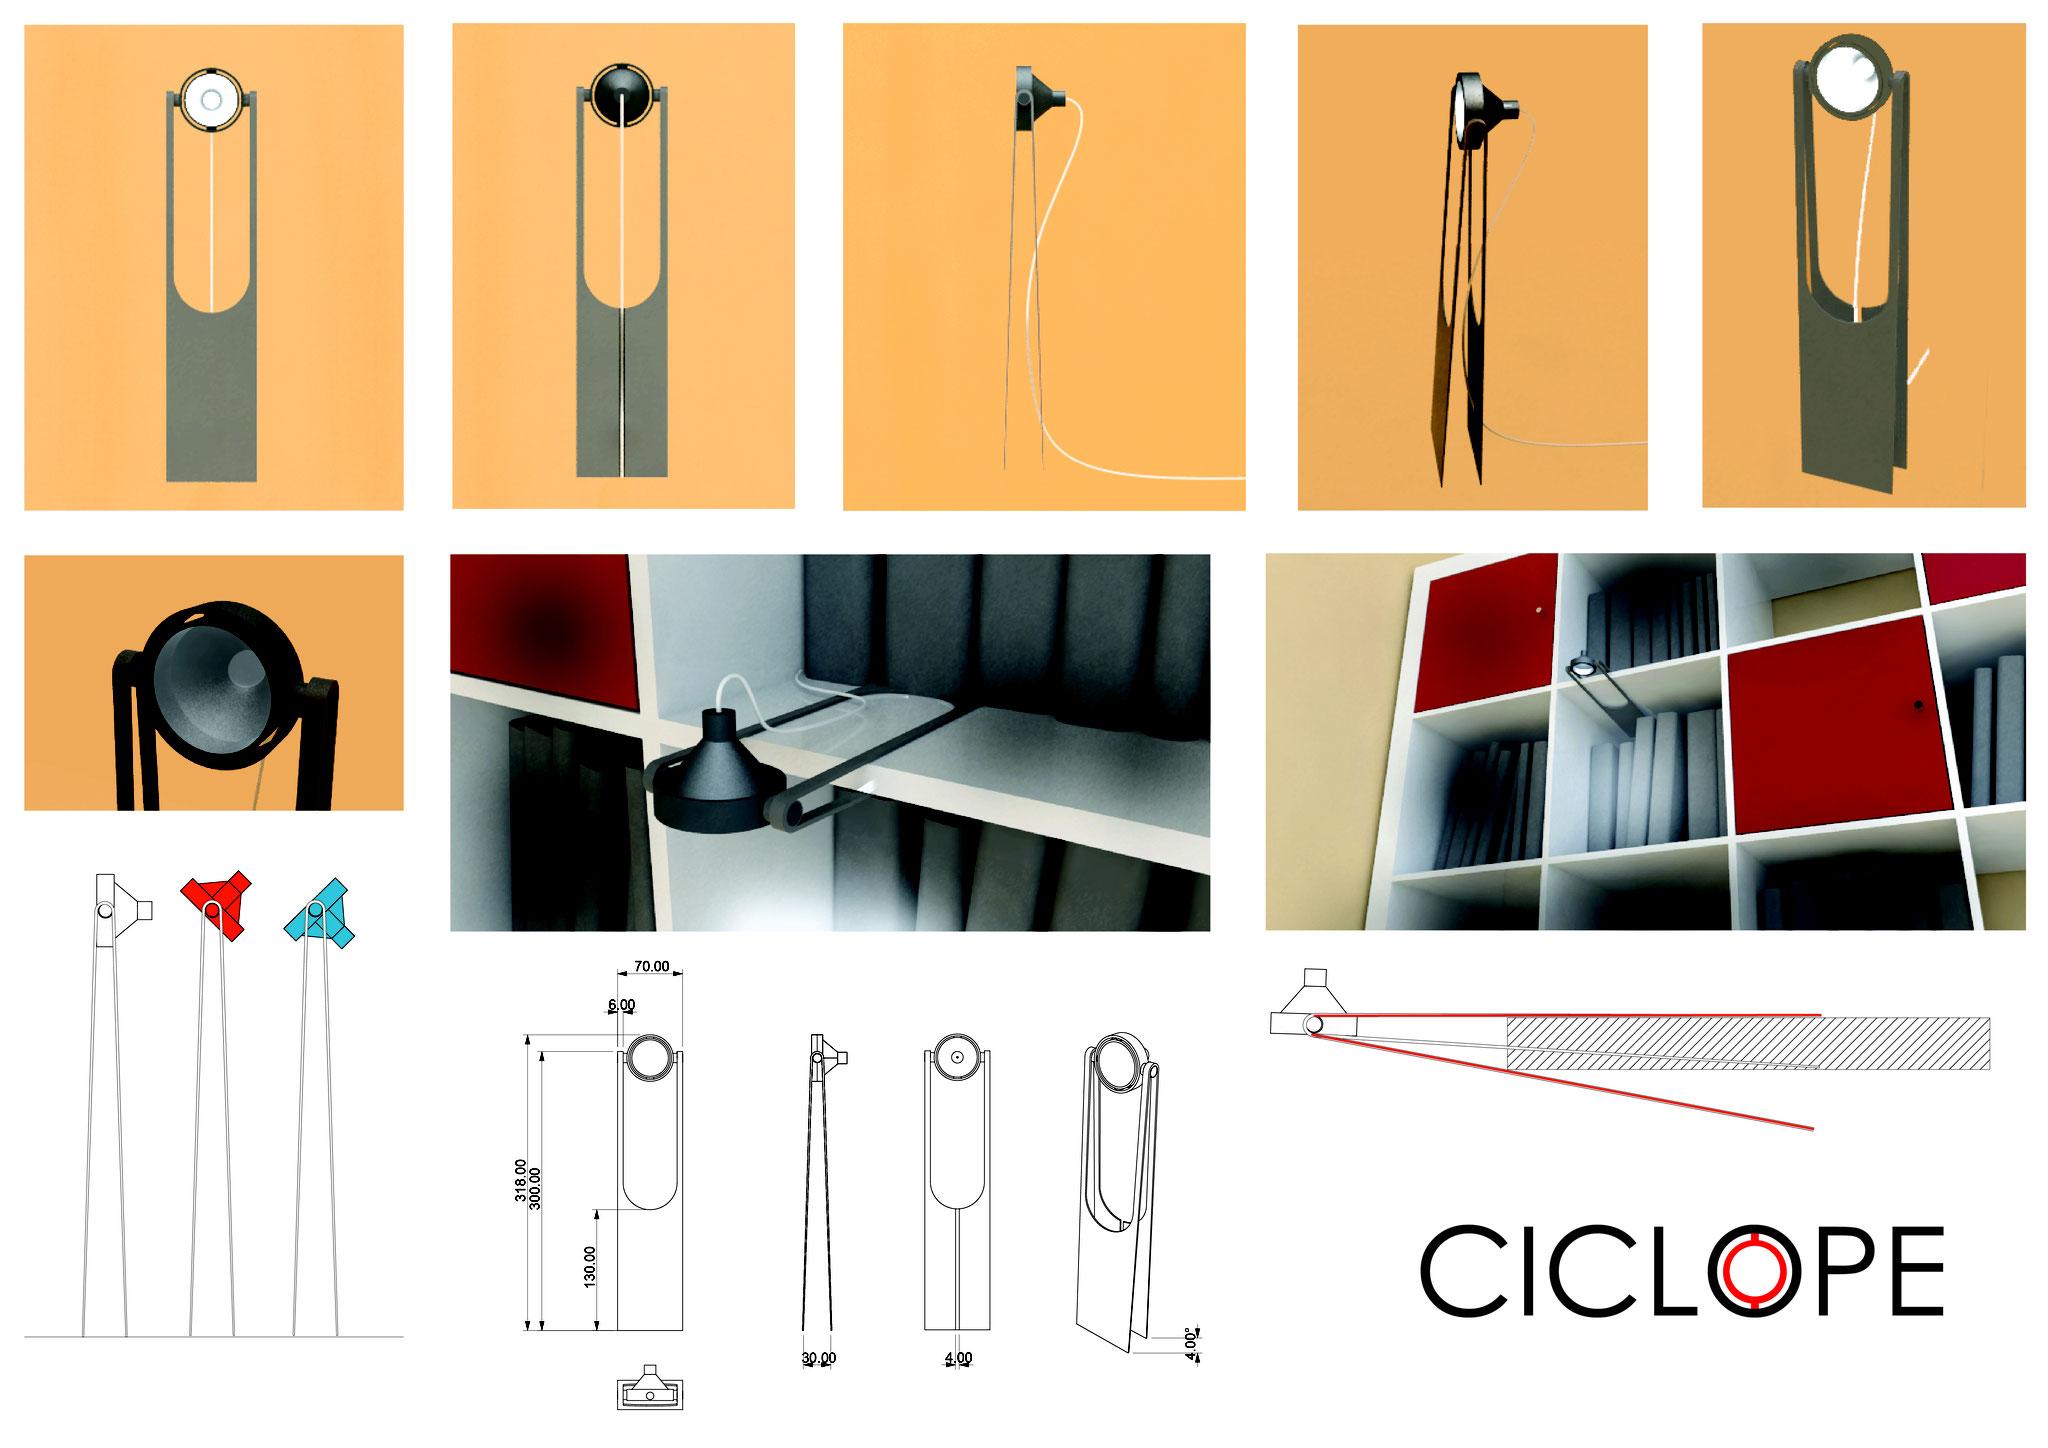 Design arredamento interni grafica milano 386studio for App arredamento interni